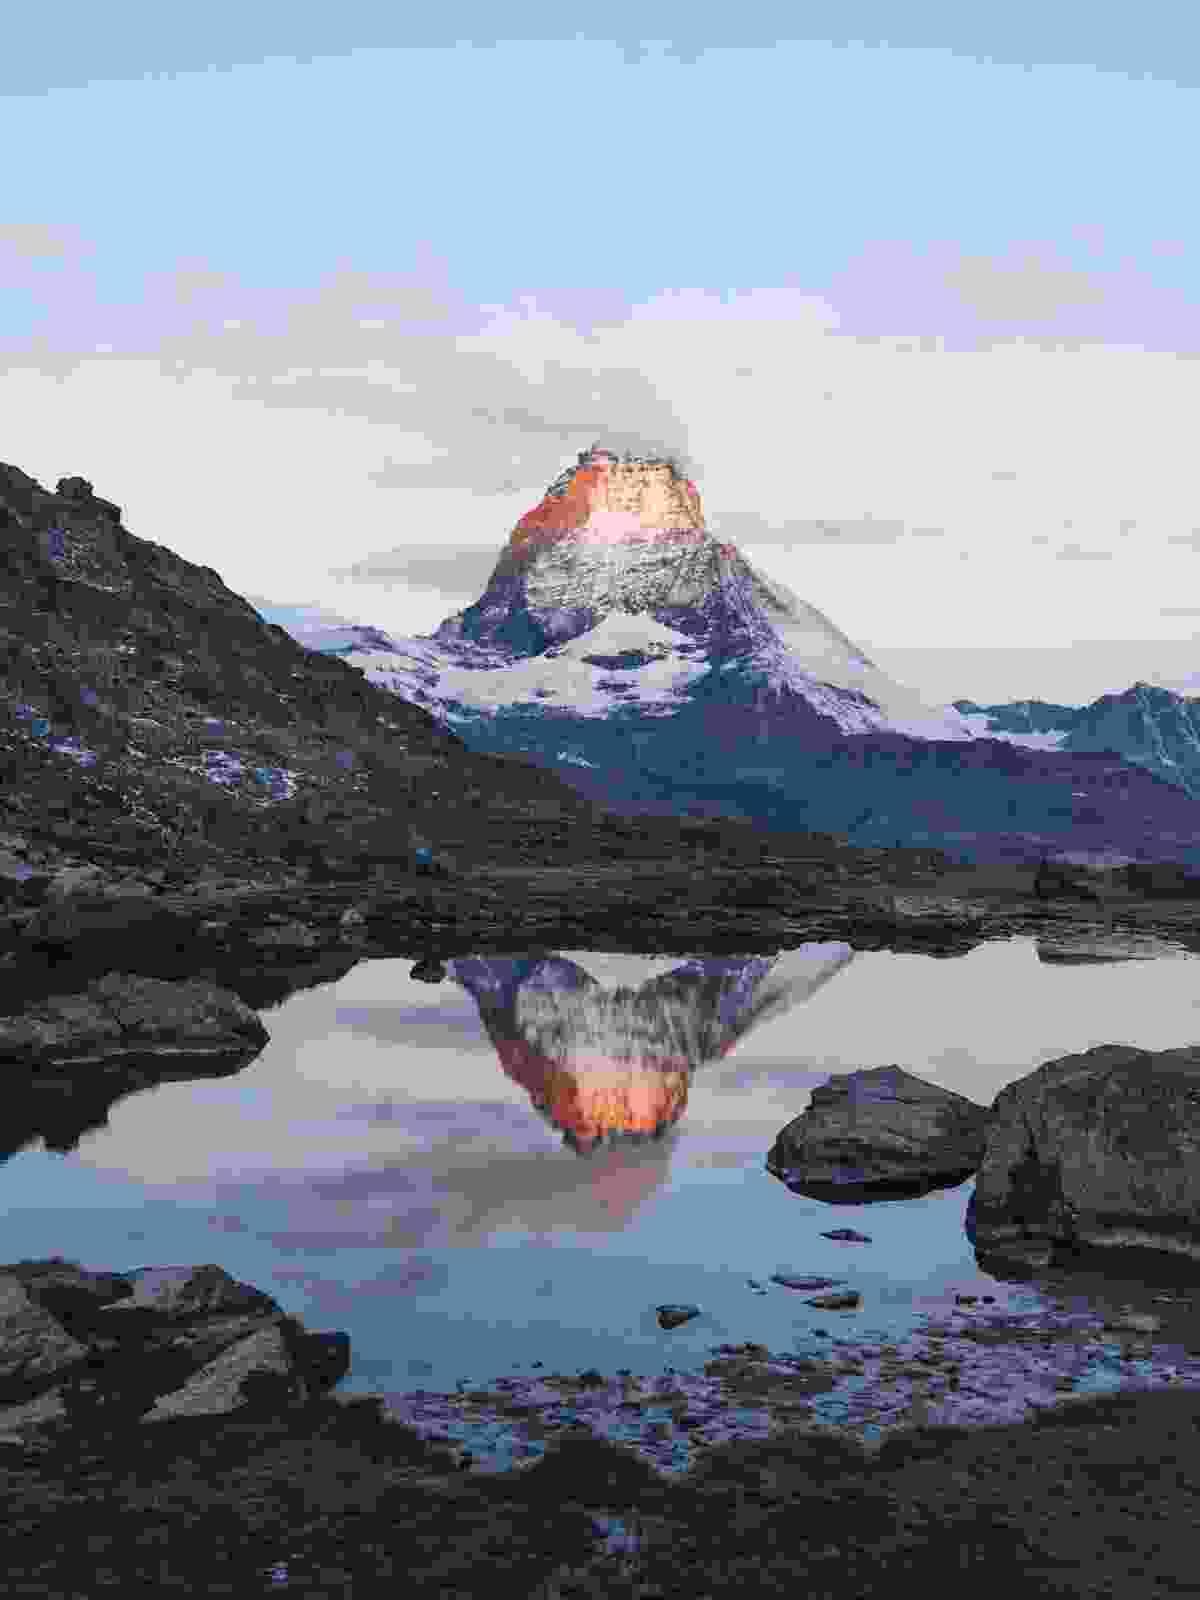 Matterhorn, Valais, Switzerland (Johan Lolos)